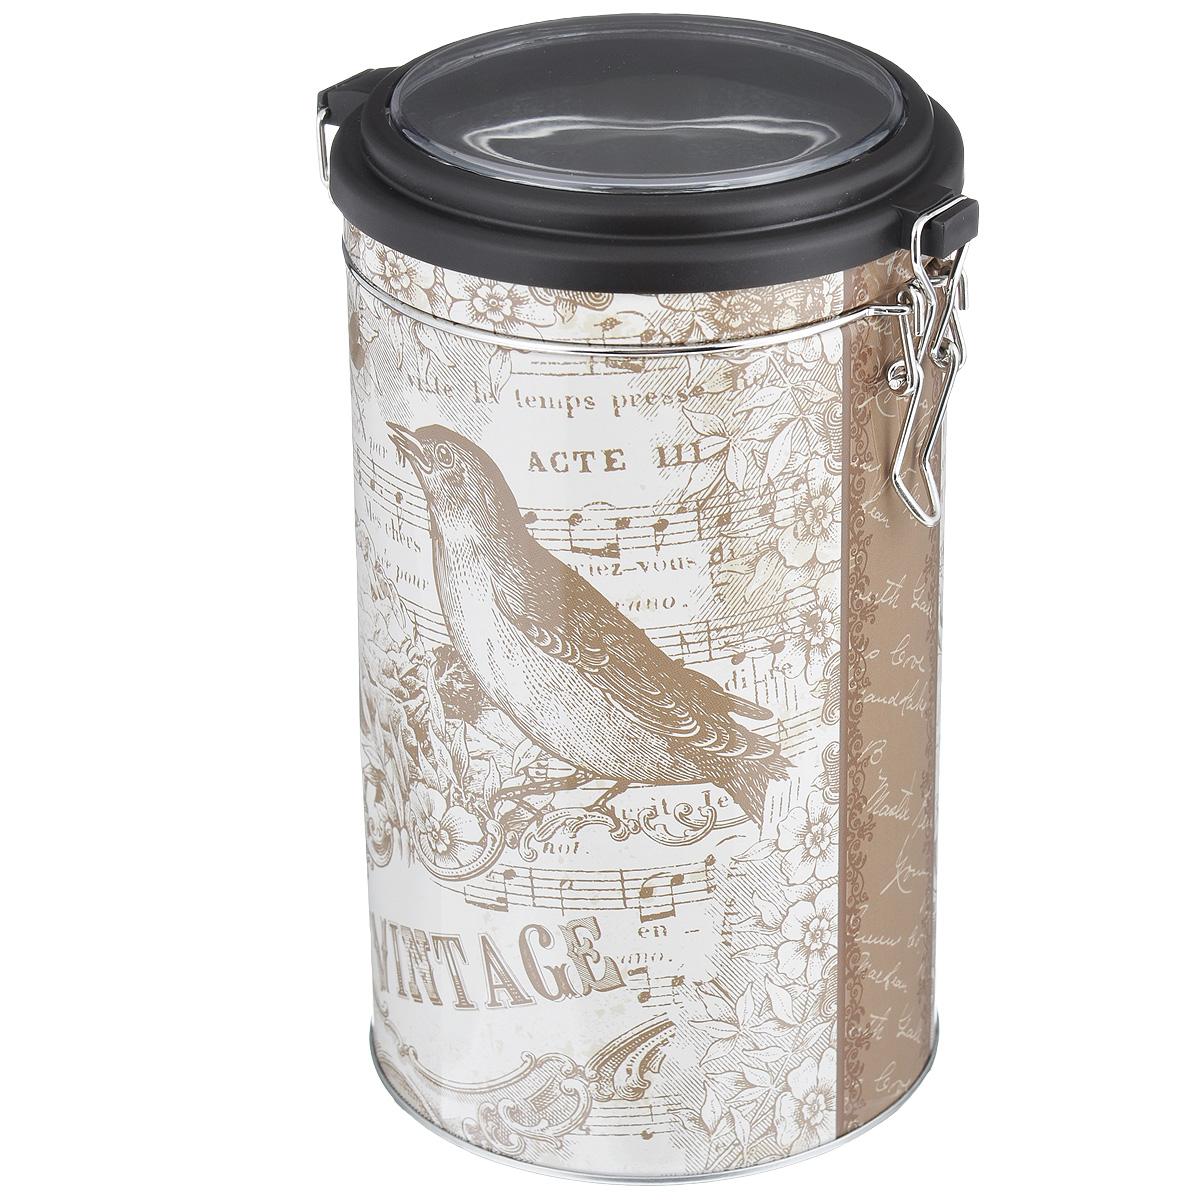 Банка для сыпучих продуктов Феникс-презент Птица, 1,5 л37633Банка для сыпучих продуктов Феникс-презент Птица, изготовленная из окрашенного черного металла, оформлена ярким рисунком. Банка прекрасно подойдет для хранения различных сыпучих продуктов: специй, чая, кофе, сахара, круп и многого другого. Емкость плотно закрывается прозрачной пластиковой крышкой на металлический замок. Благодаря этому она будет дольше сохранять свежесть ваших продуктов.Функциональная и вместительная, такая банка станет незаменимым аксессуаром на любой кухне. Нельзя мыть в посудомоечной машине.Объем банки: 1,5 л.Высота банки (без учета крышки): 17,4 см. Диаметр банки (по верхнему краю): 10,5 см.